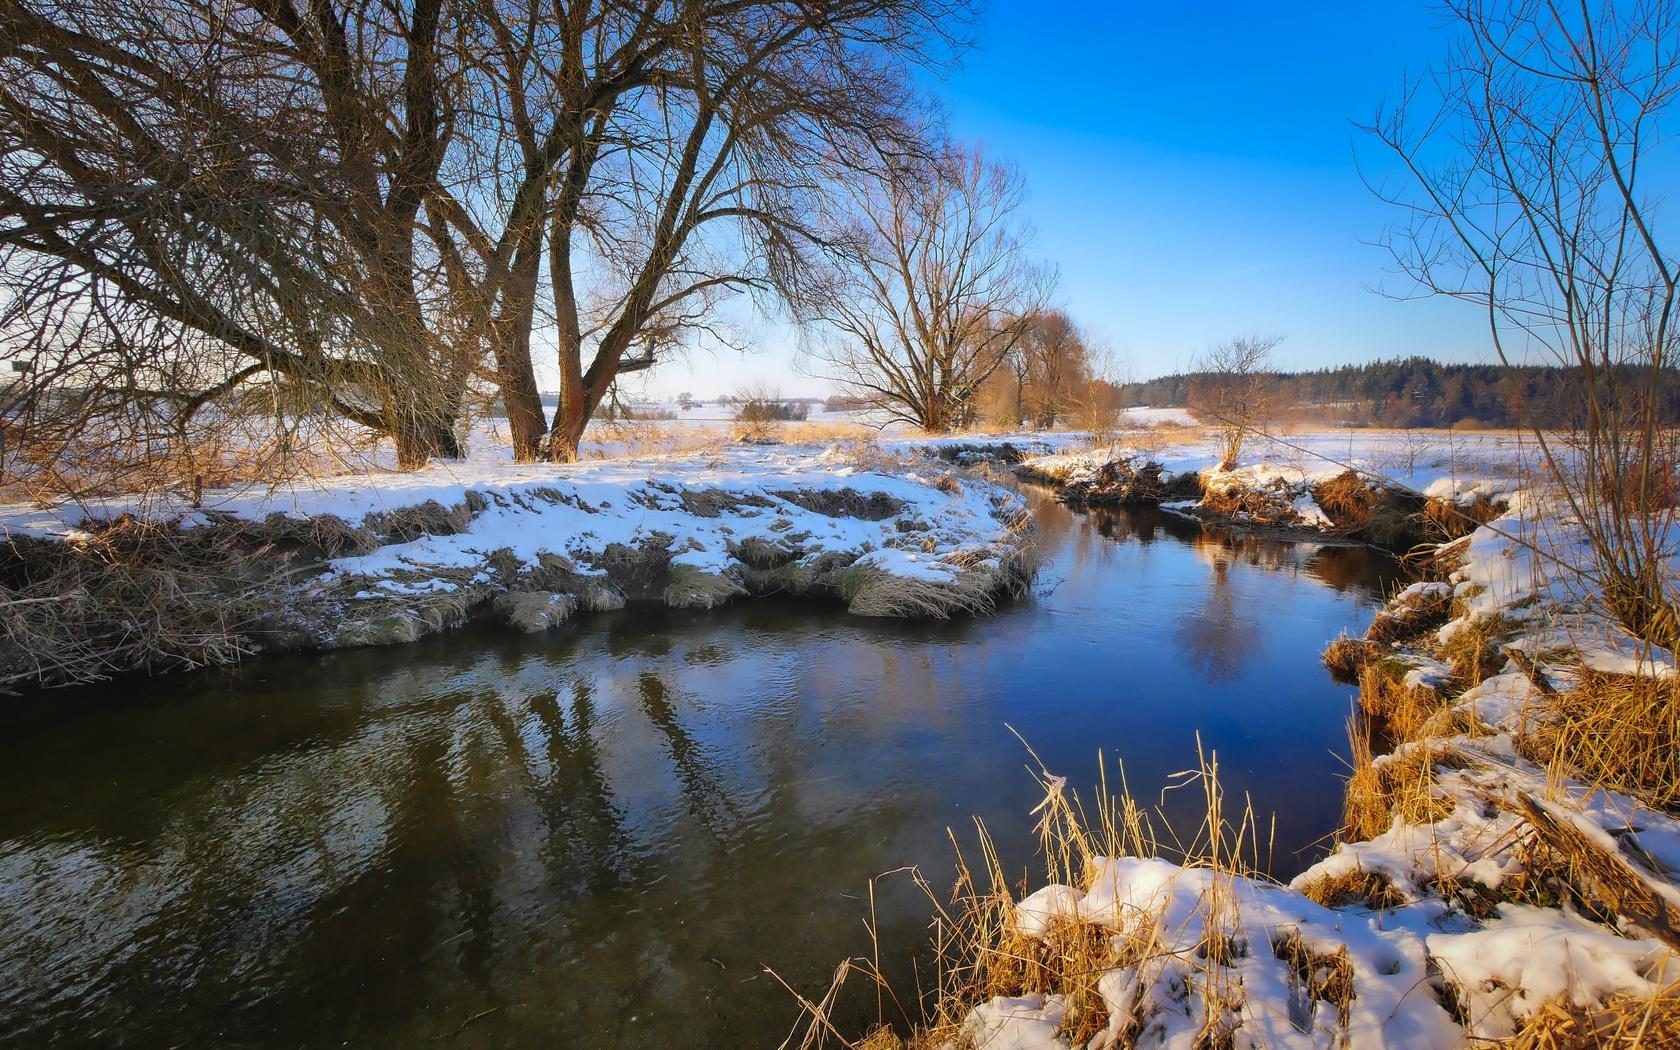 вода, деревья, снег, небо